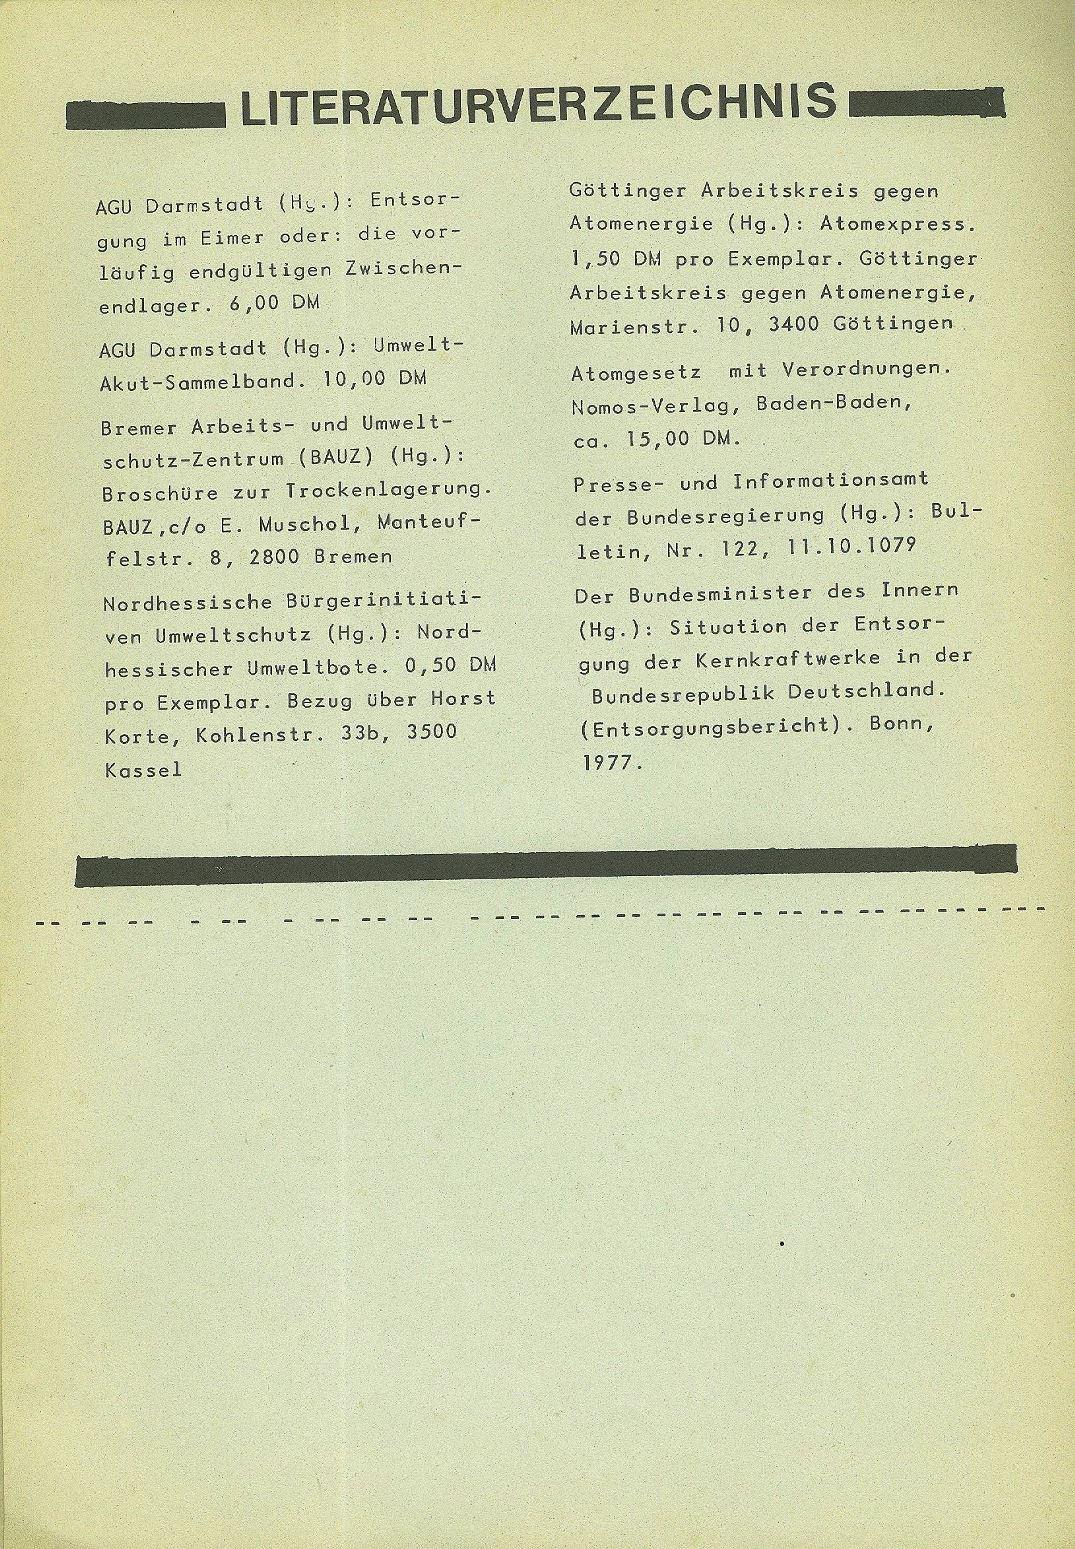 Hessen_AKW029